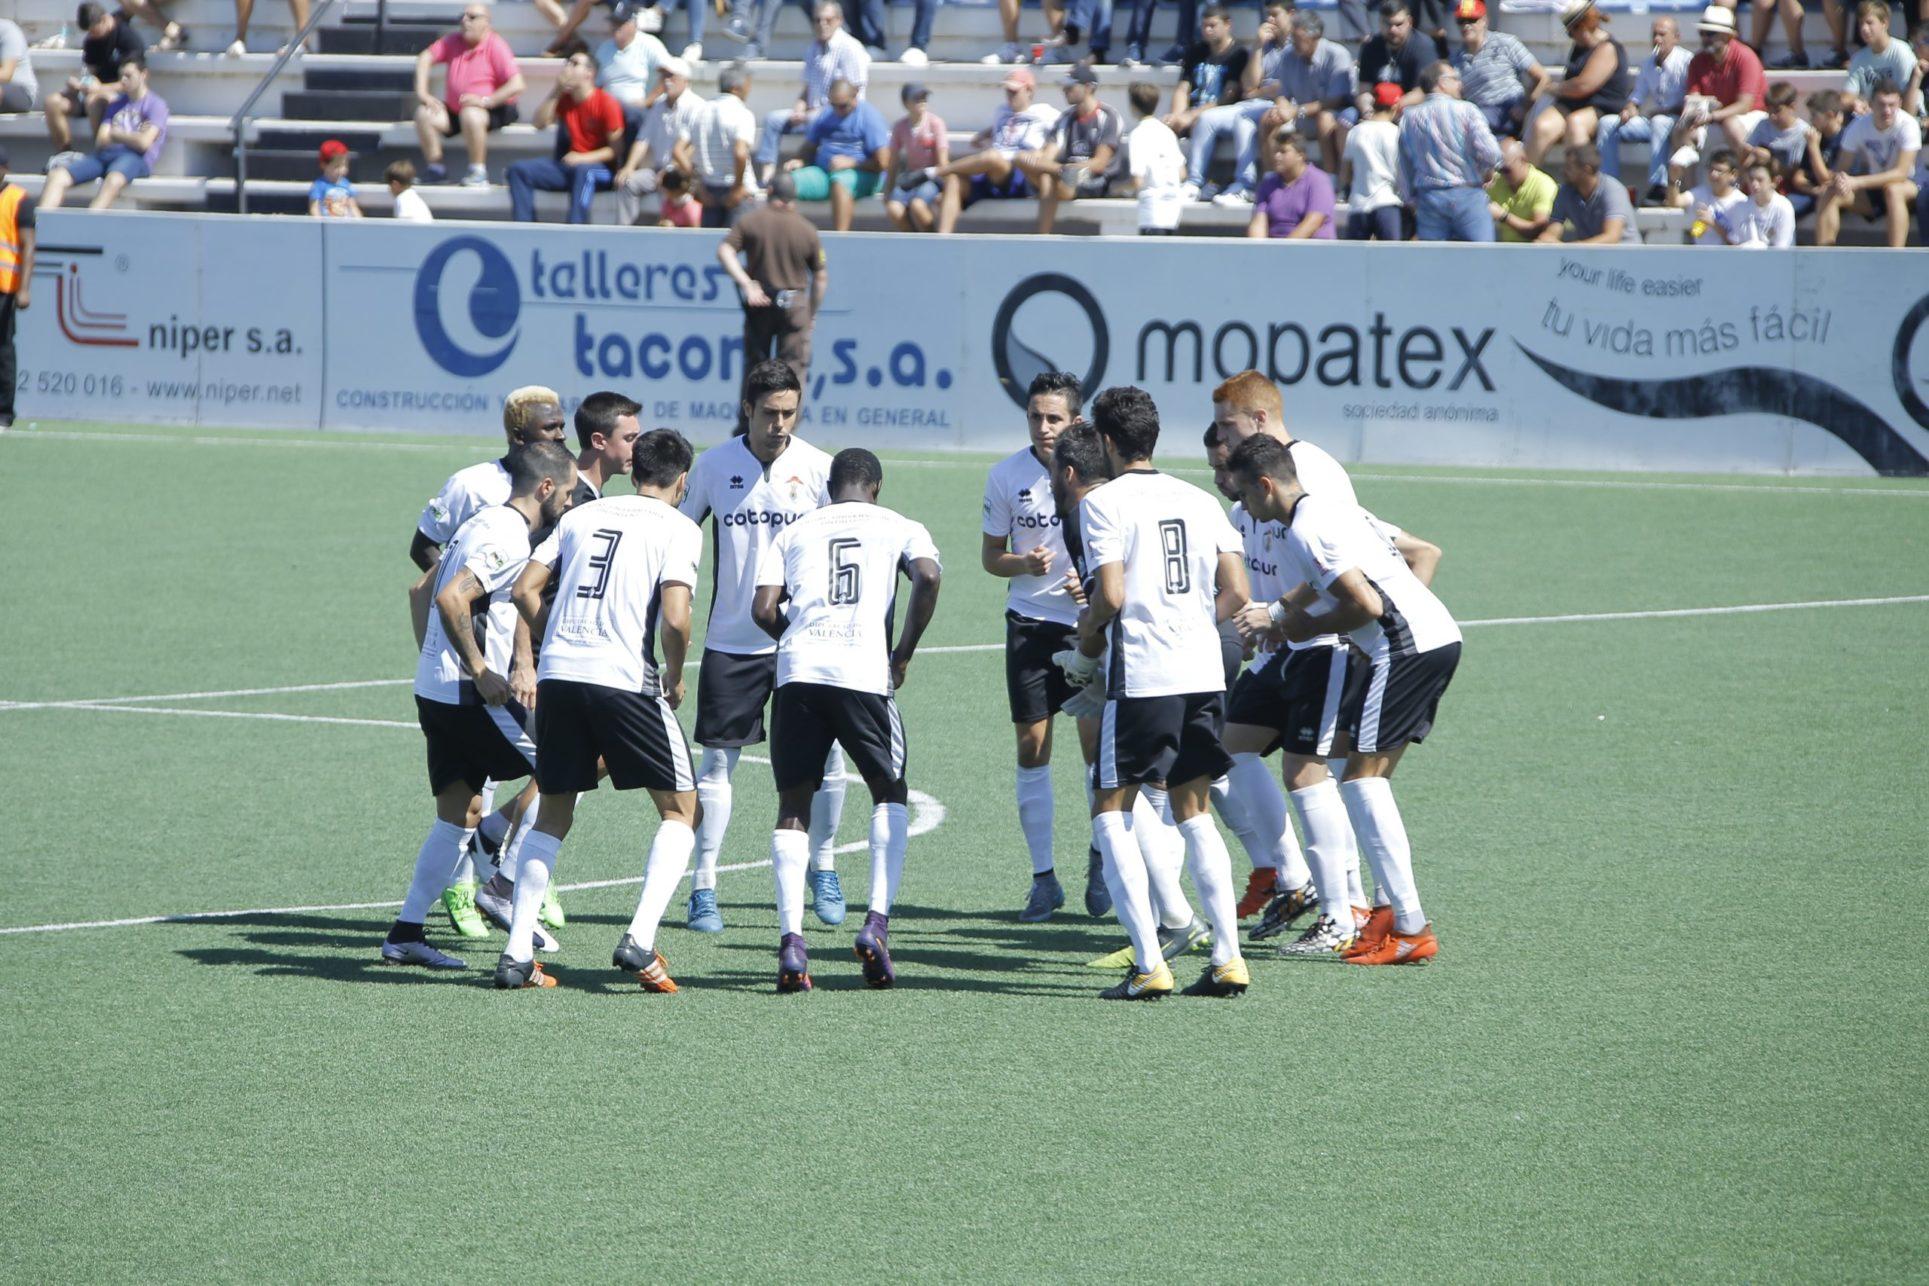 L'Ontinyent farà bo l'empat de Sabadell si guanya al Badalona El Periòdic d'Ontinyent - Noticies a Ontinyent